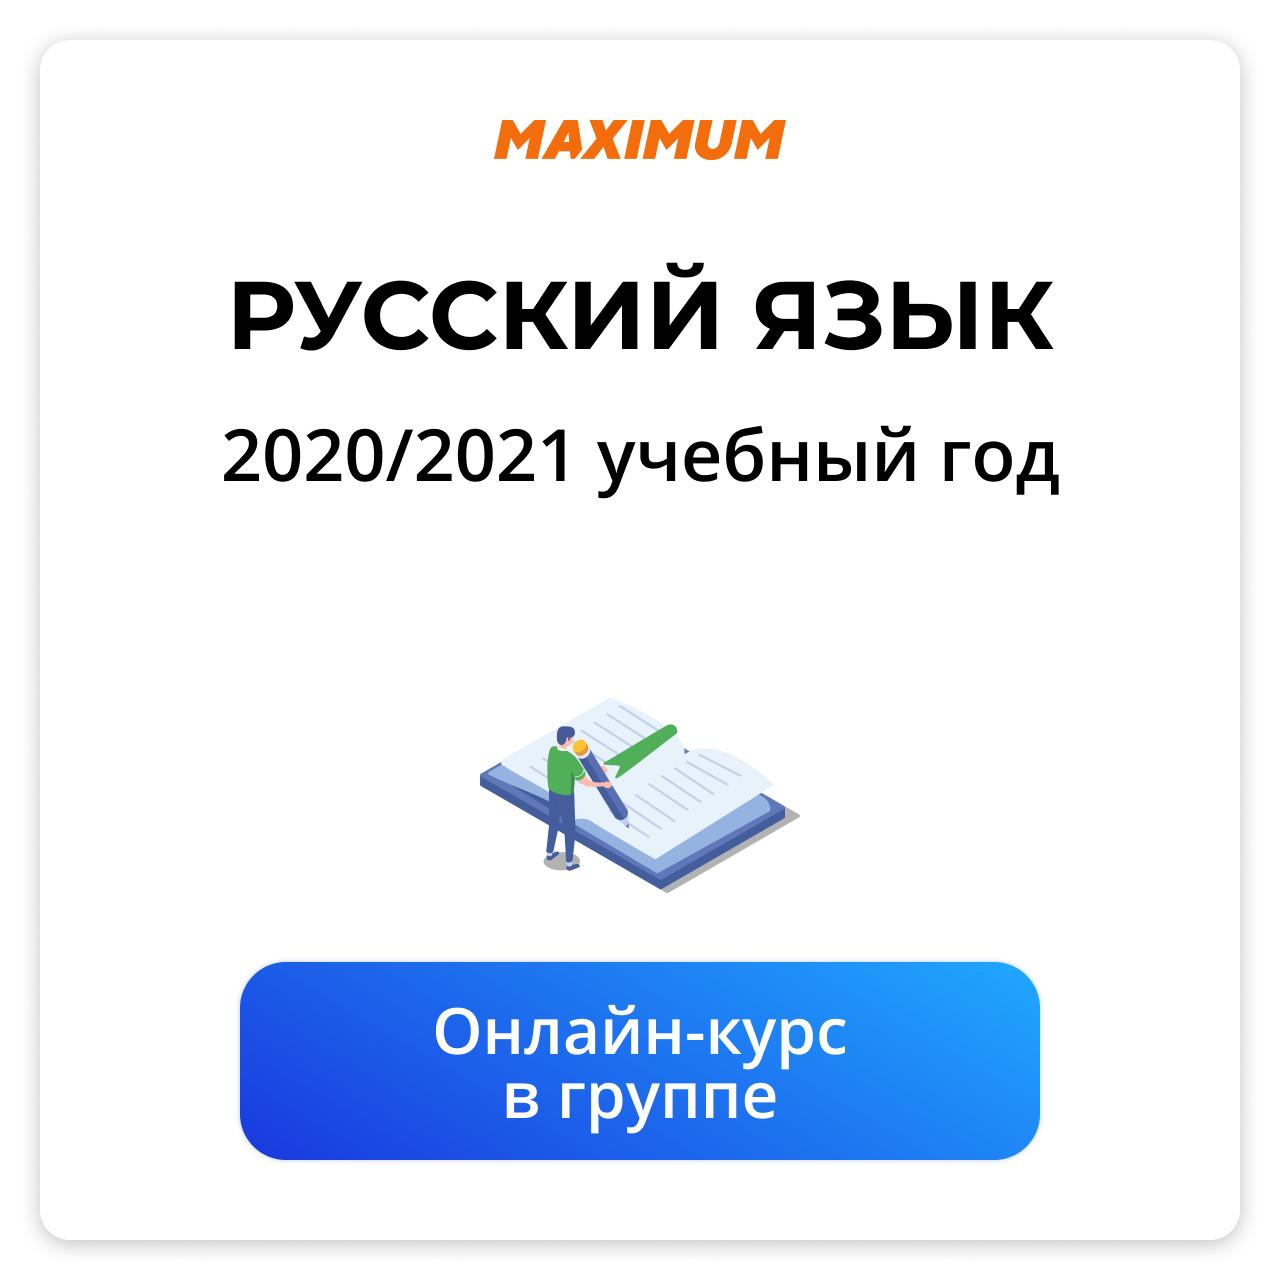 Русский язык ЕГЭ Онлайн-группа